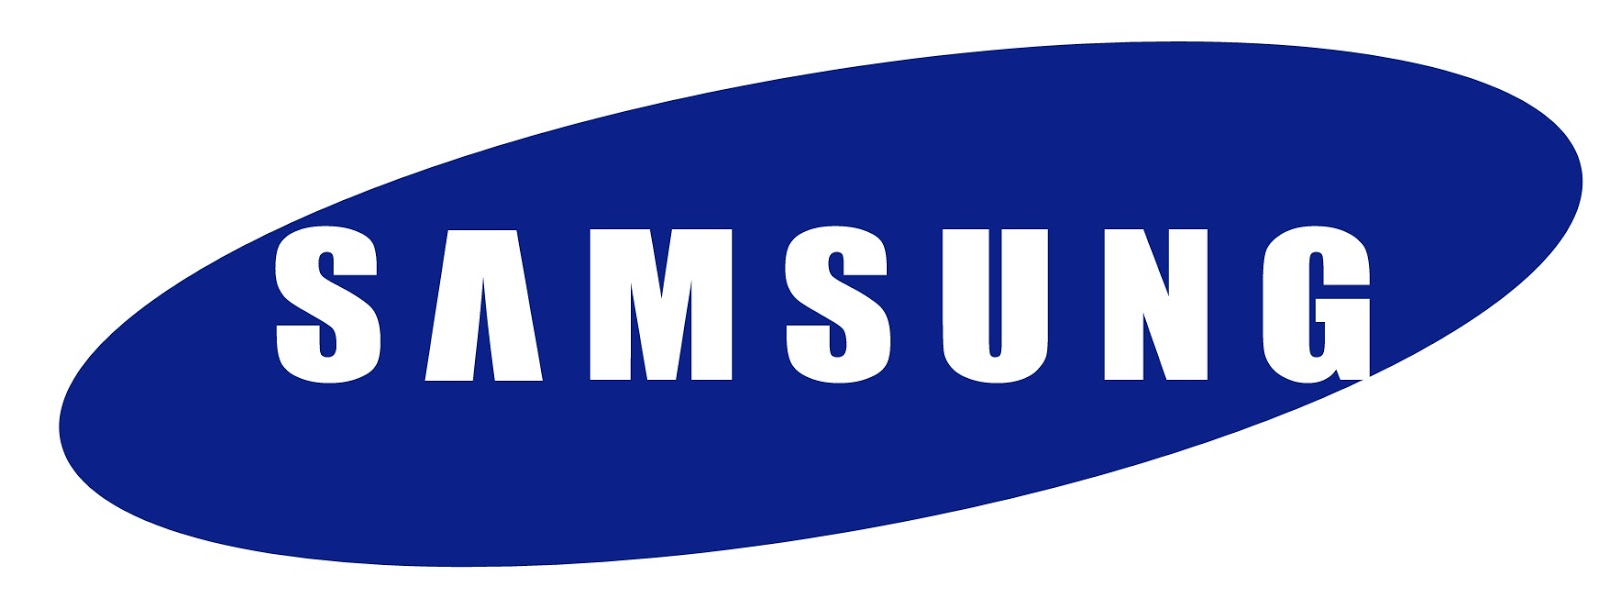 Lowongan Kerja Oktober 2018 Cikarang Jababeka PT. Samsung Electronics Indonesia